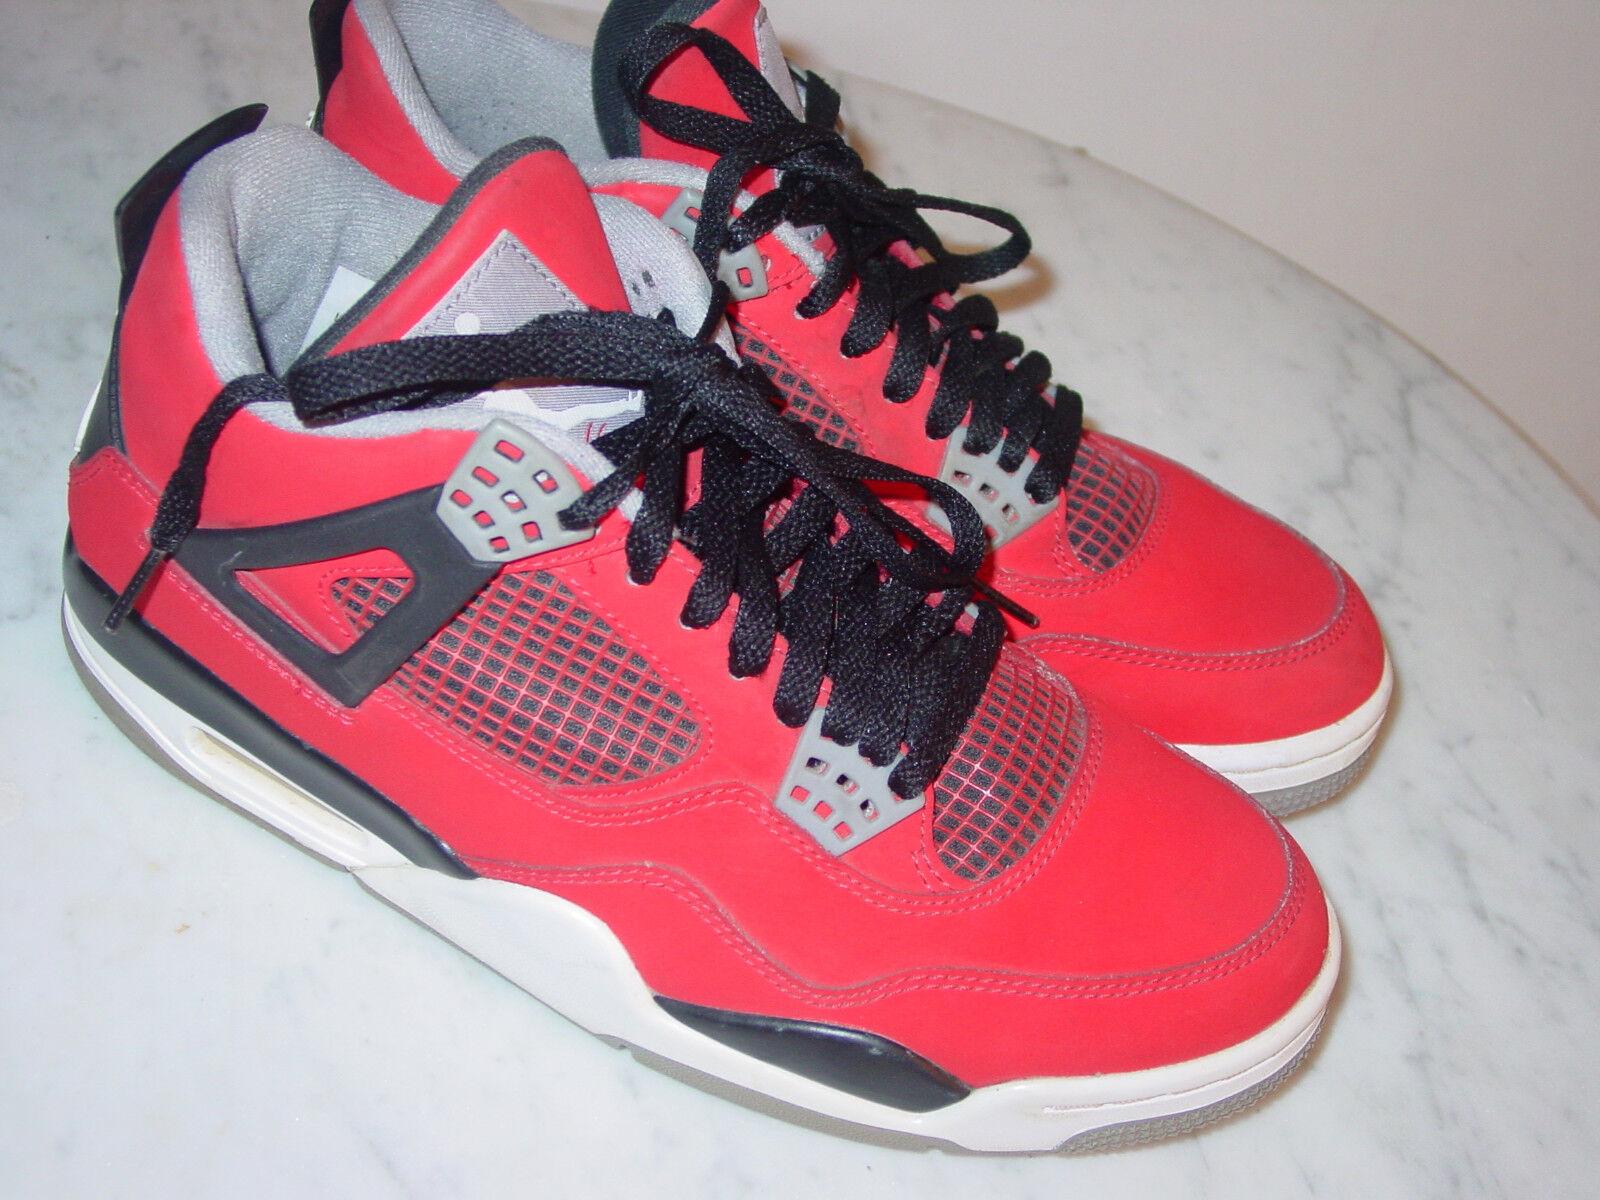 ed4315e765e735 2013 Nike Air Air Air Jordan Retro 4 Tgold Bravo Fire Red White Black shoes  Size